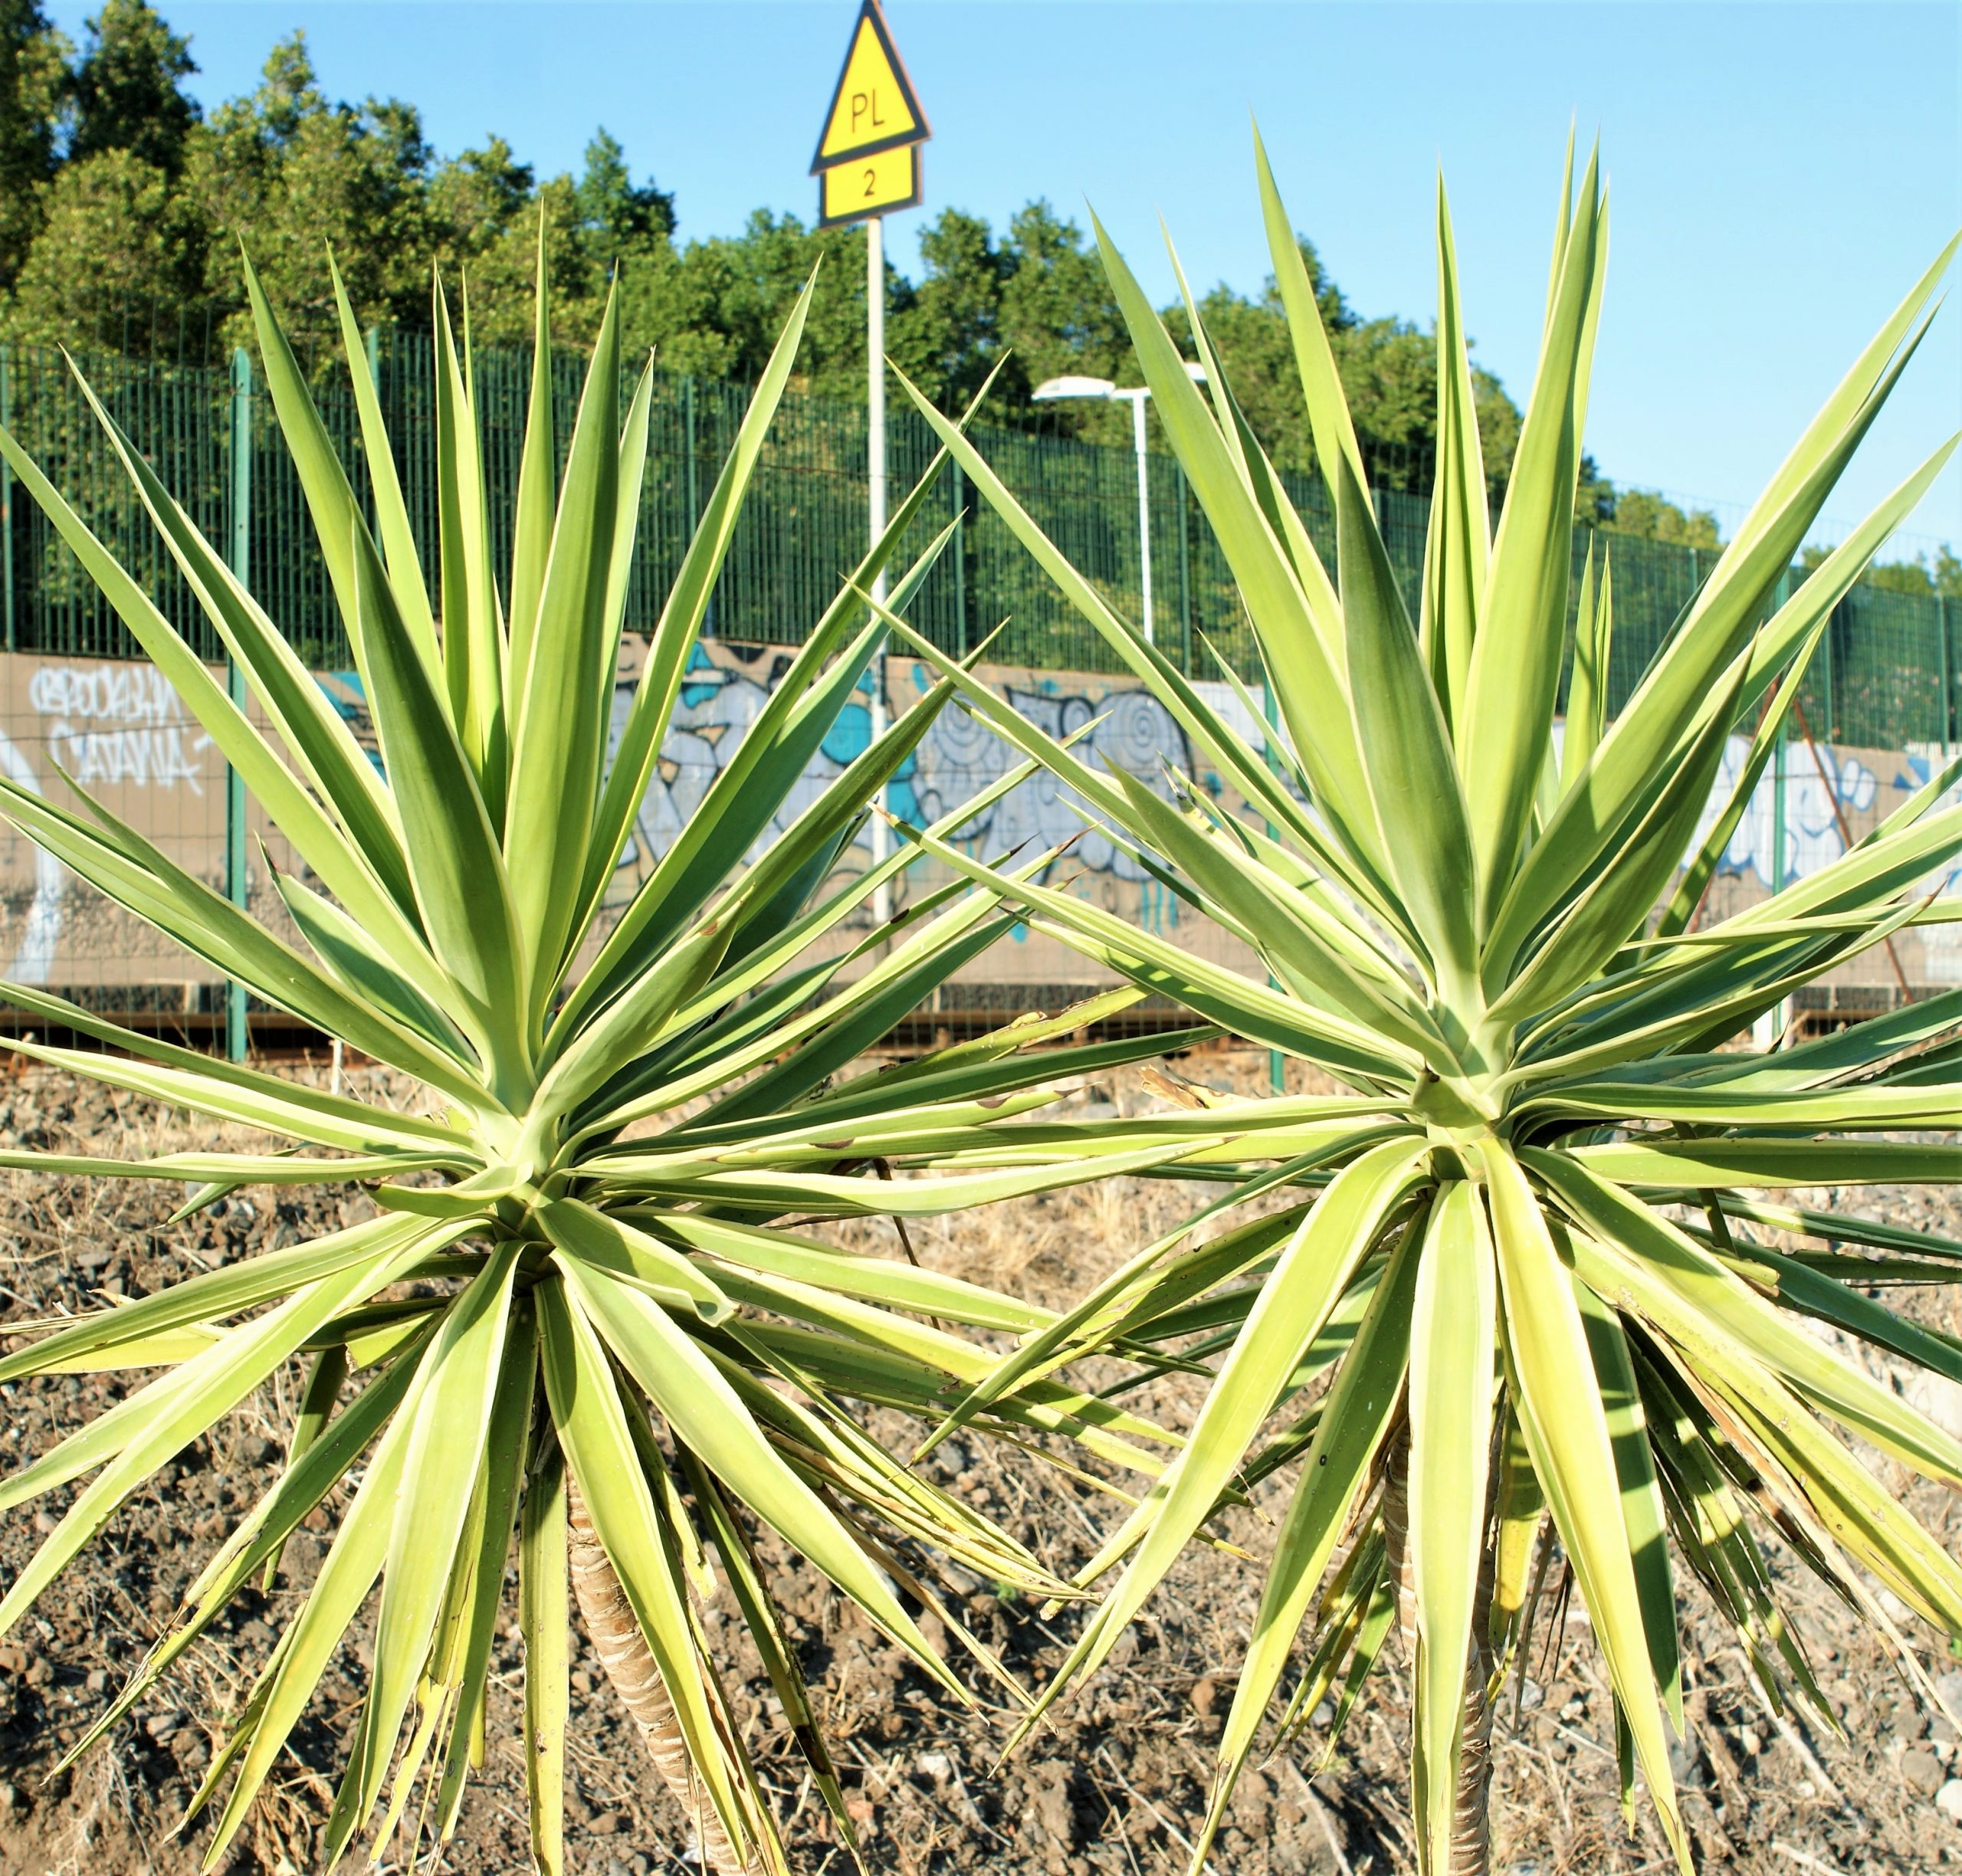 Il Bosco delle Yucche